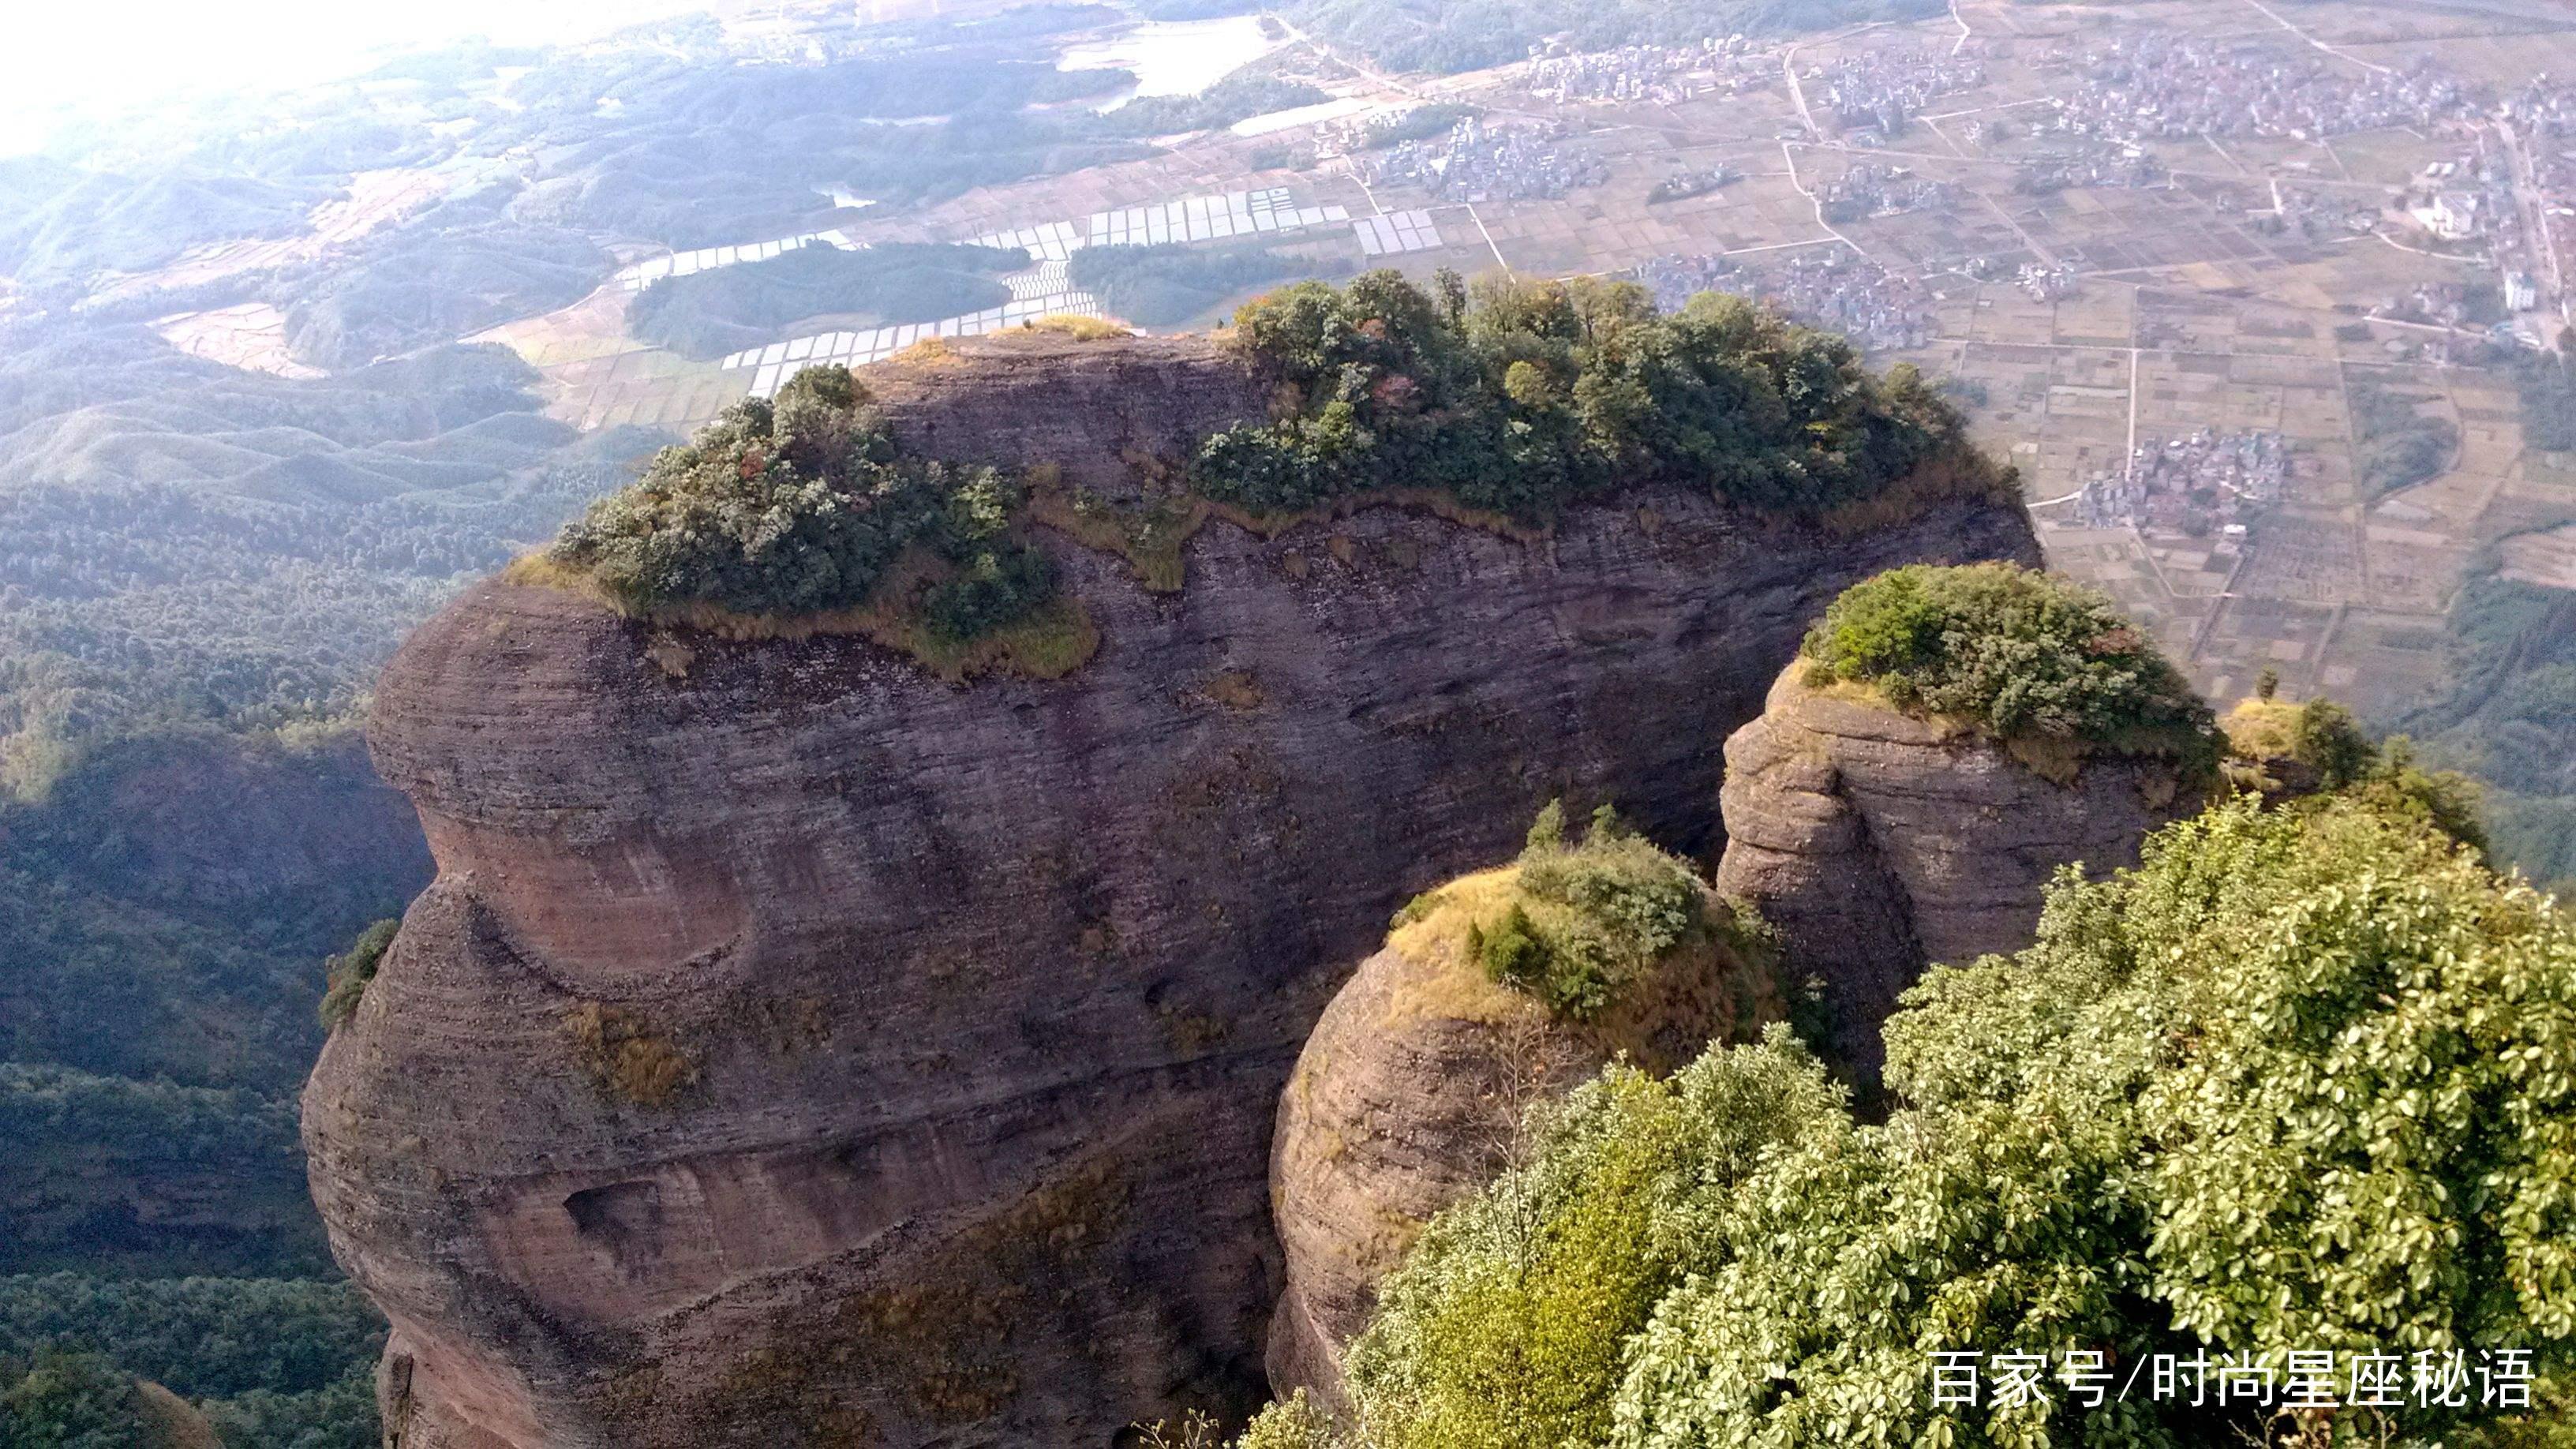 江郎山的風景就像大自然的神奇歌手,唱著清脆悅耳的歌,會讓我們的心靜